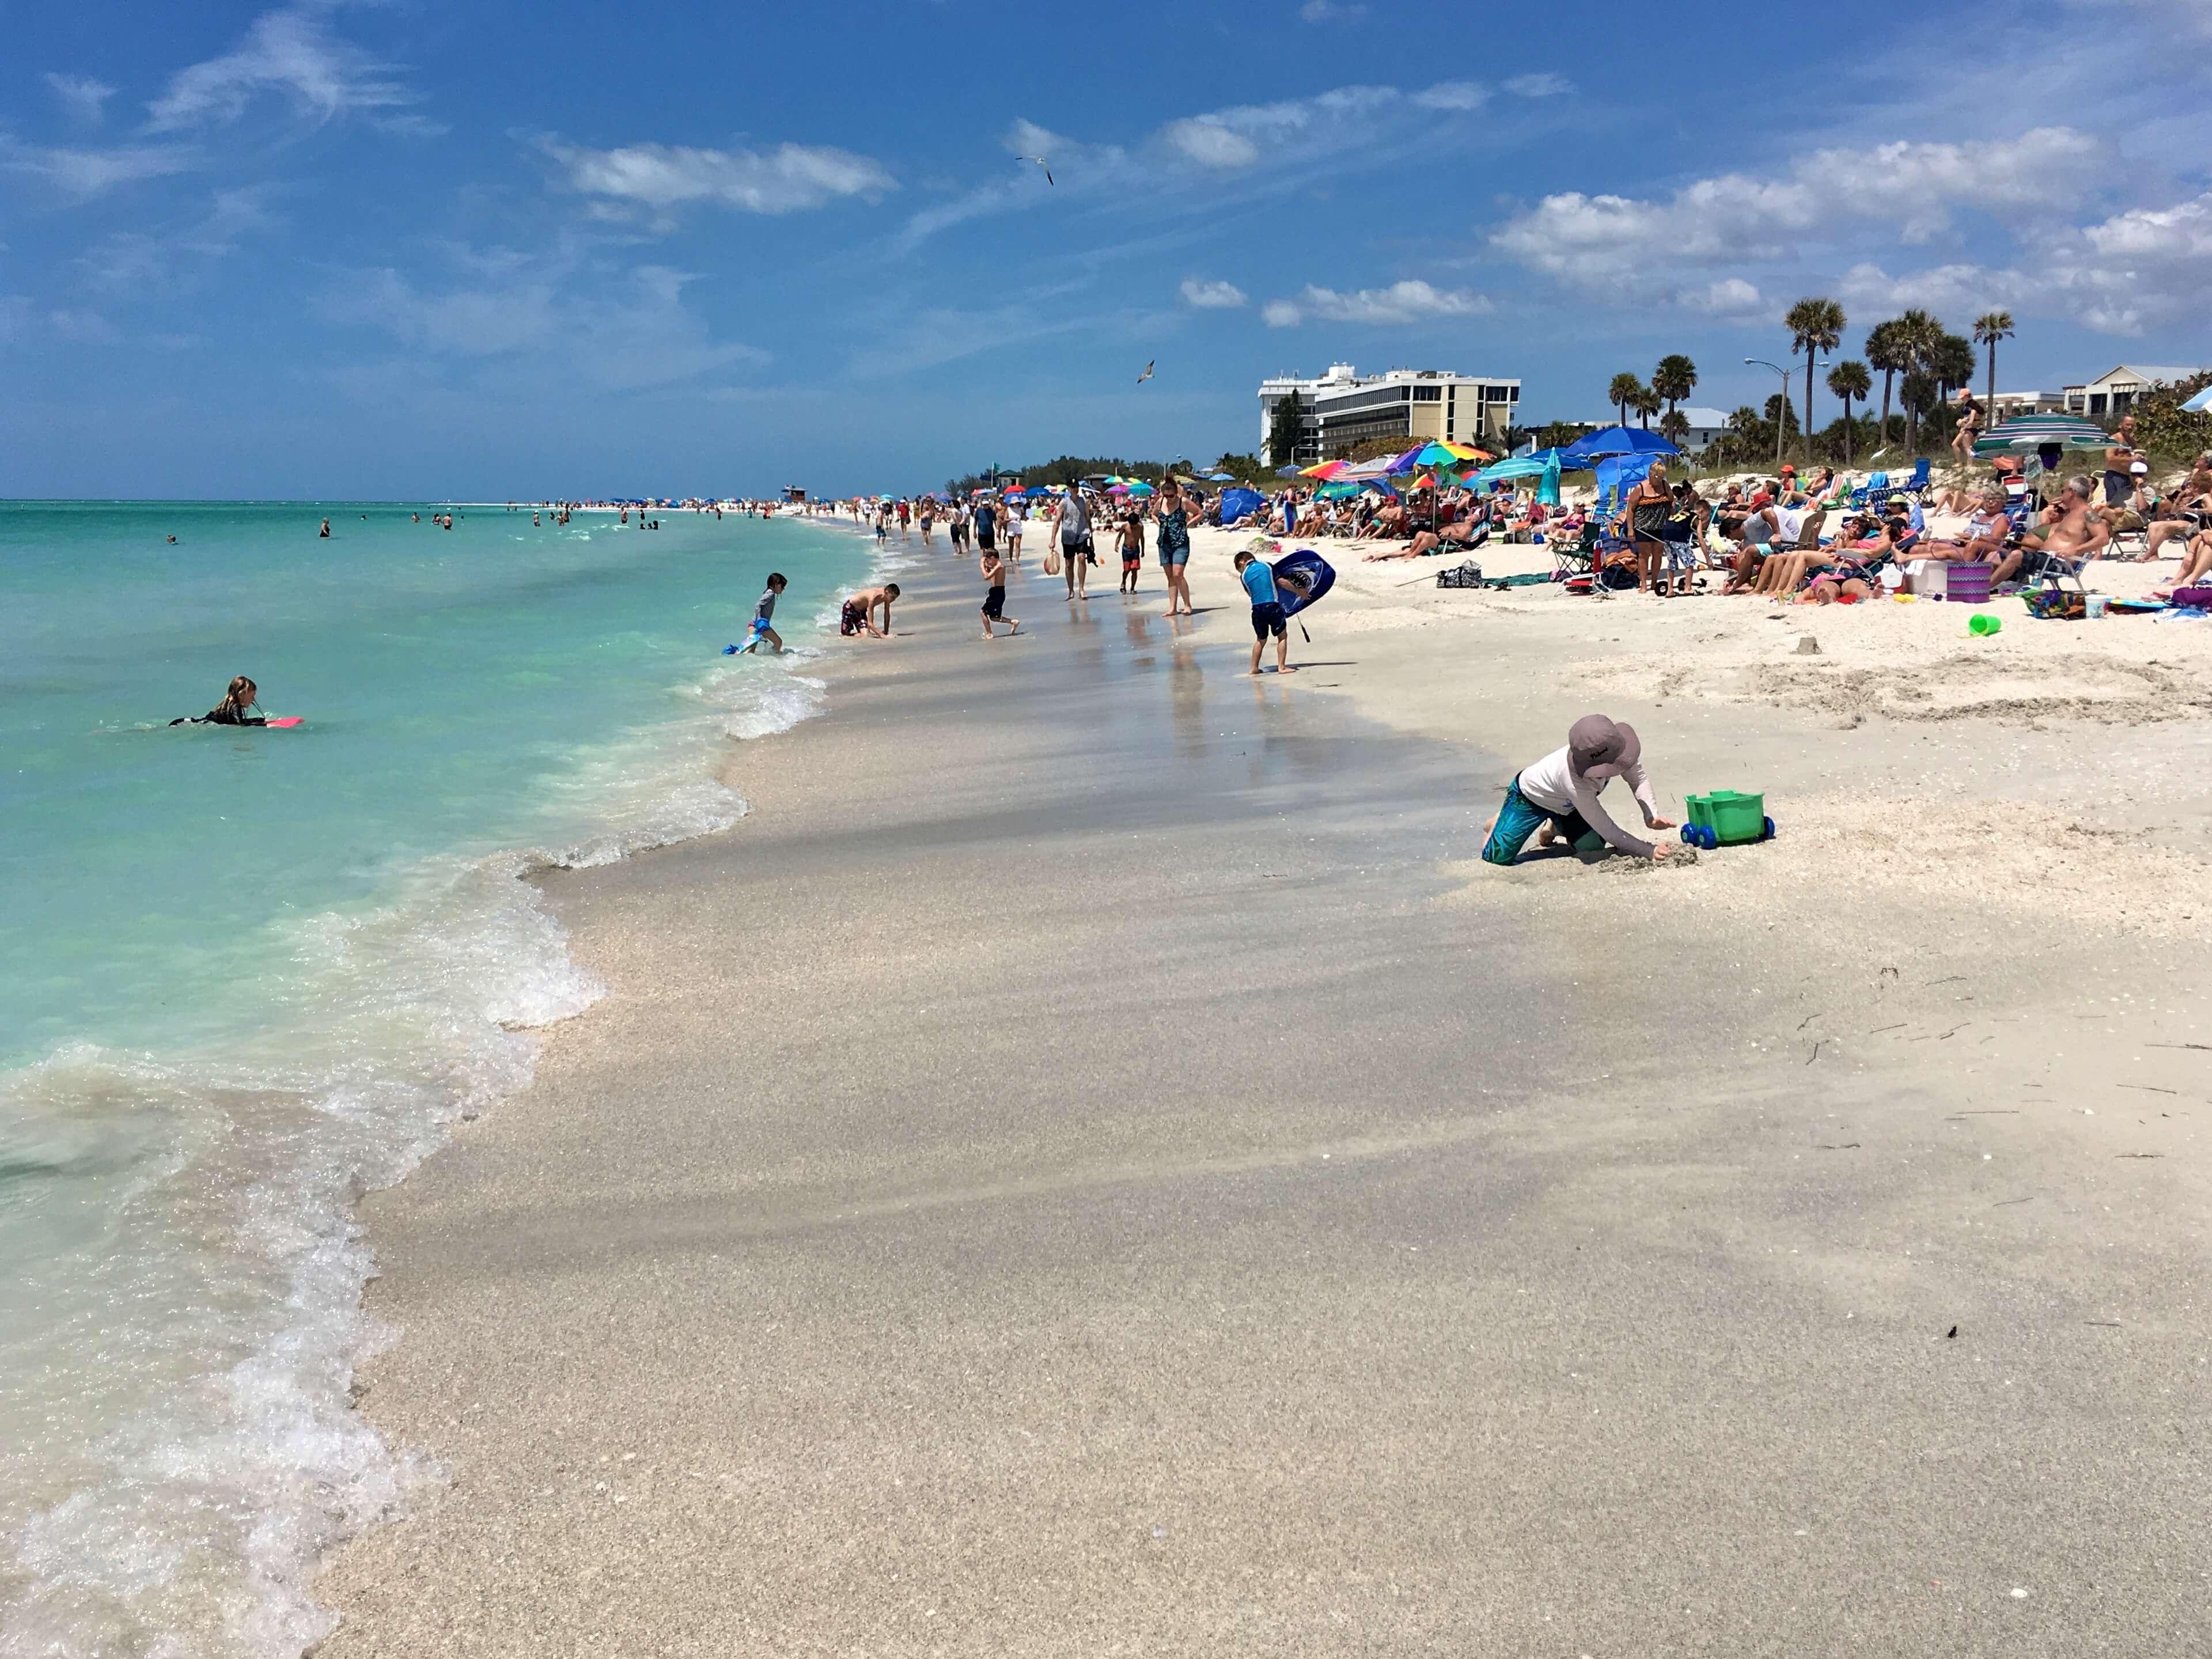 O que fazer em Sarasota: praia Lido Key Beach